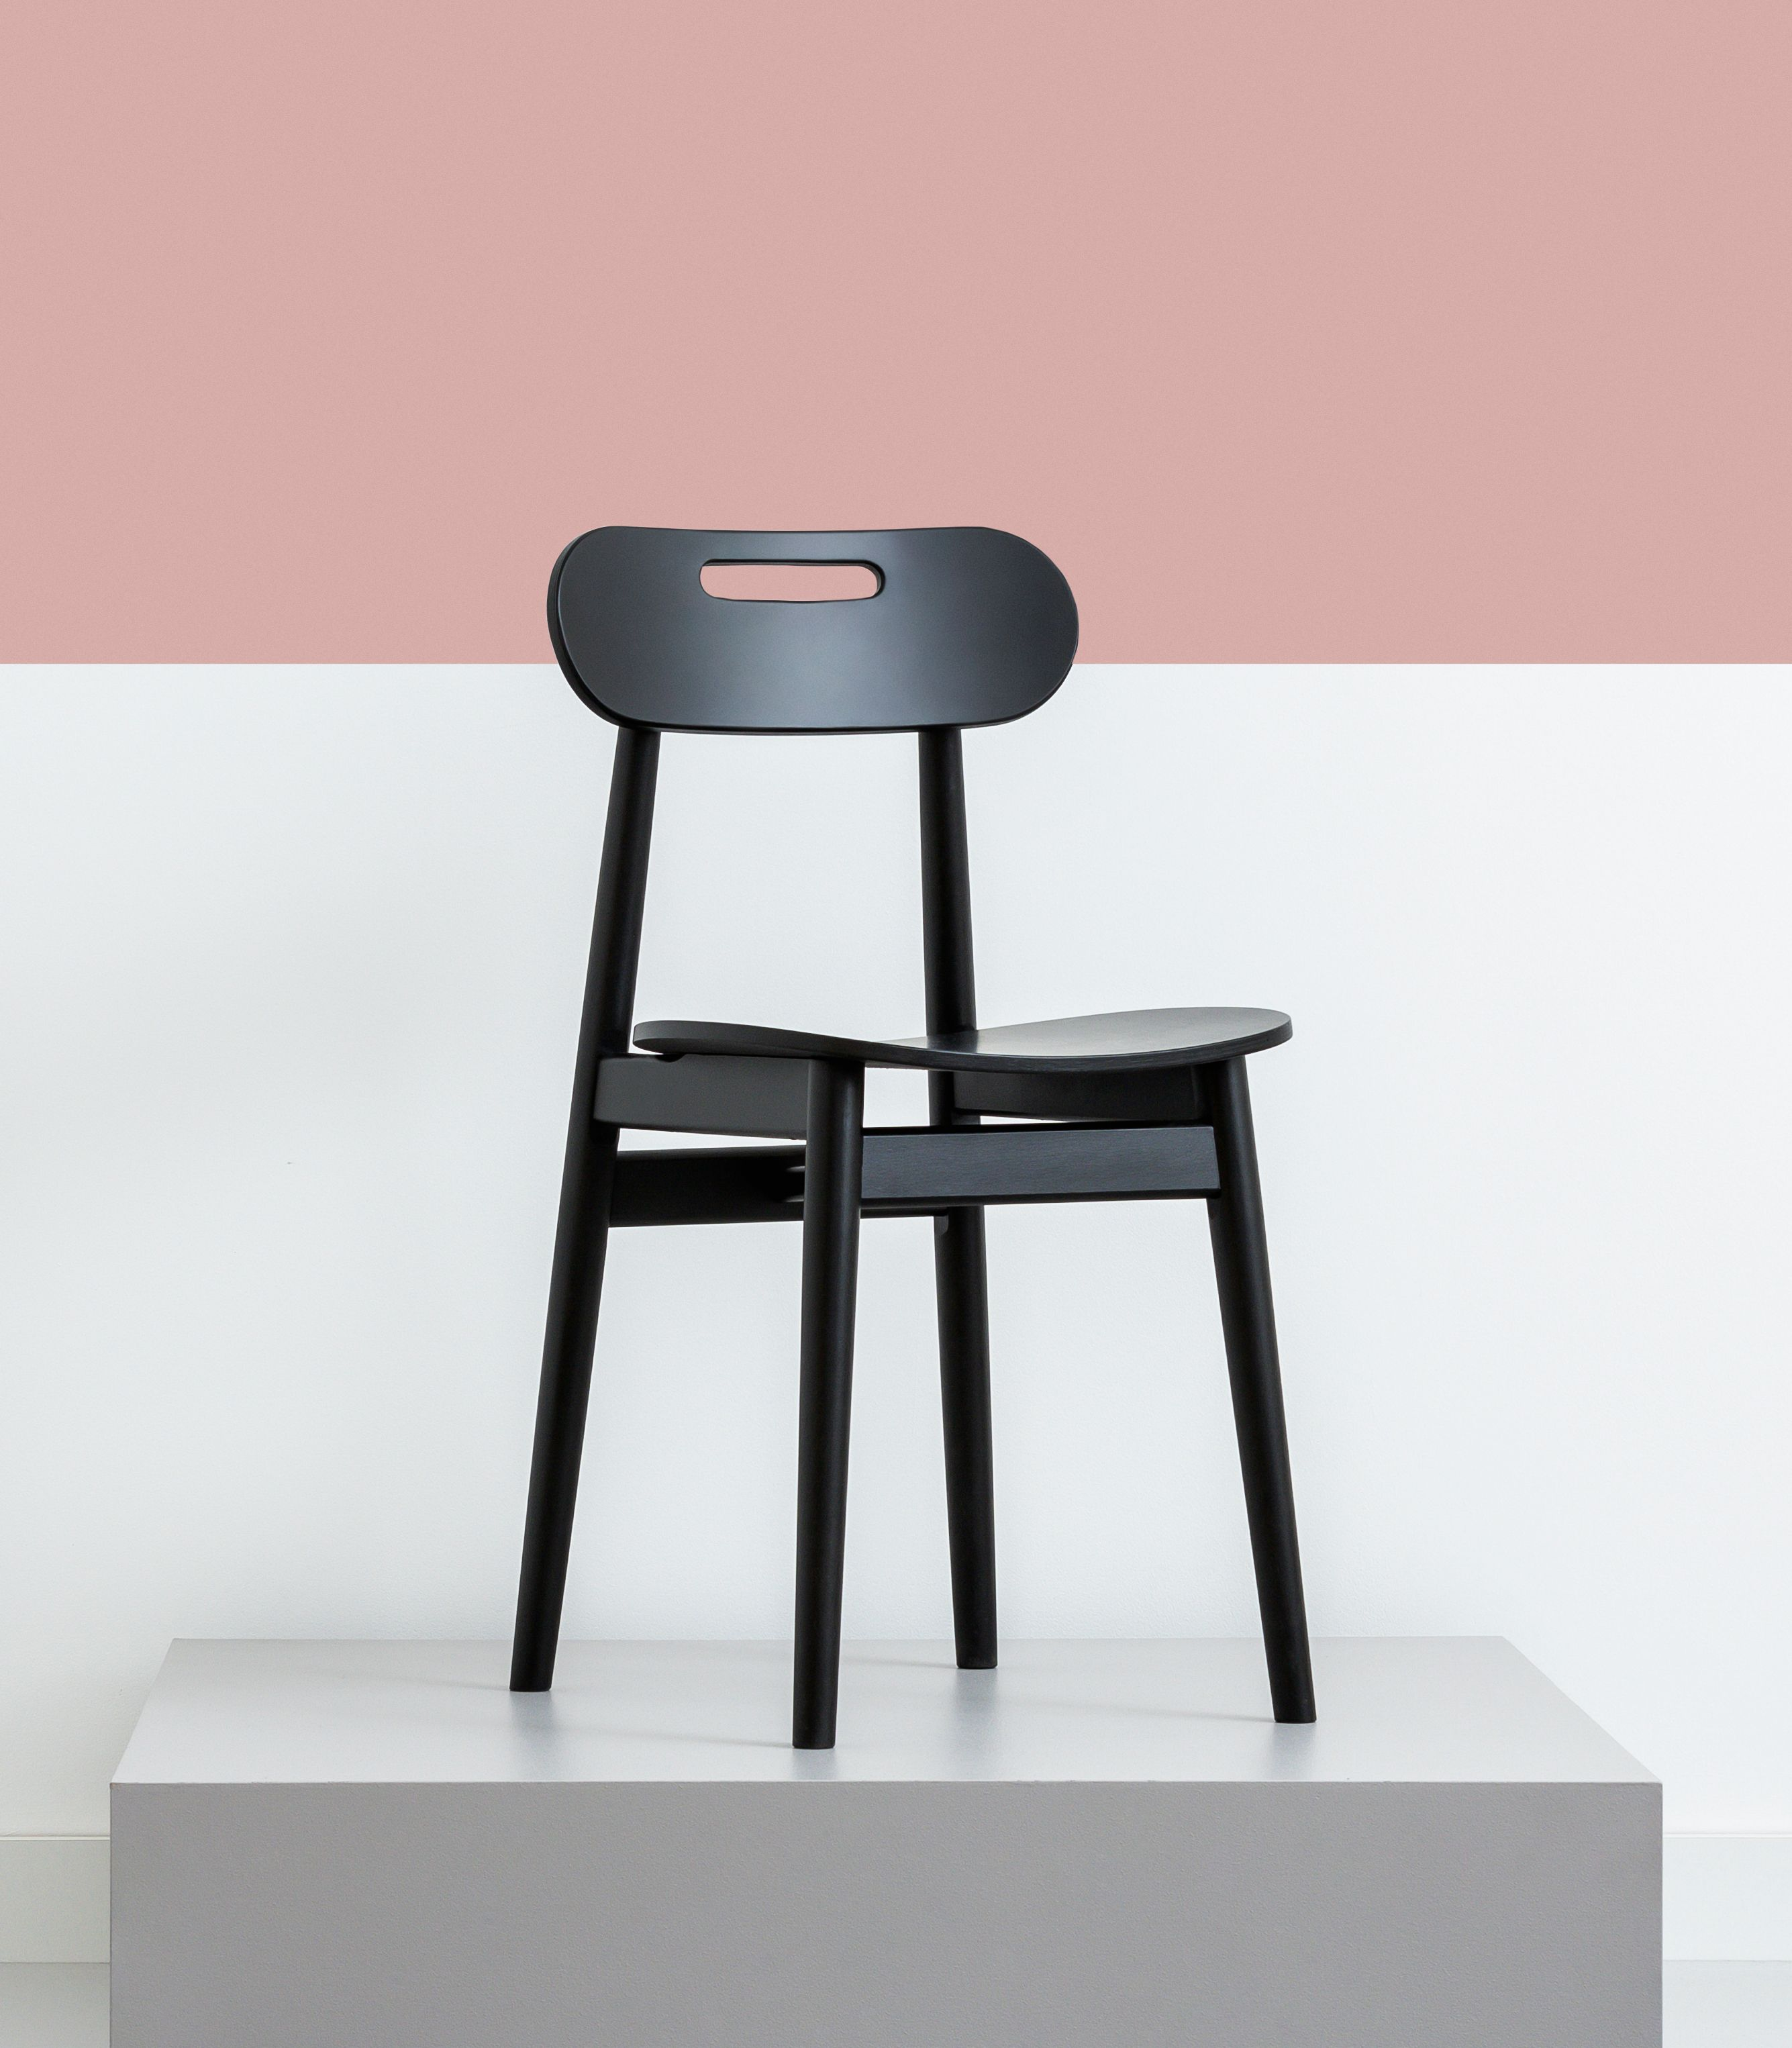 krzeslo drewniane nowoczesne w stylu skandynawskim